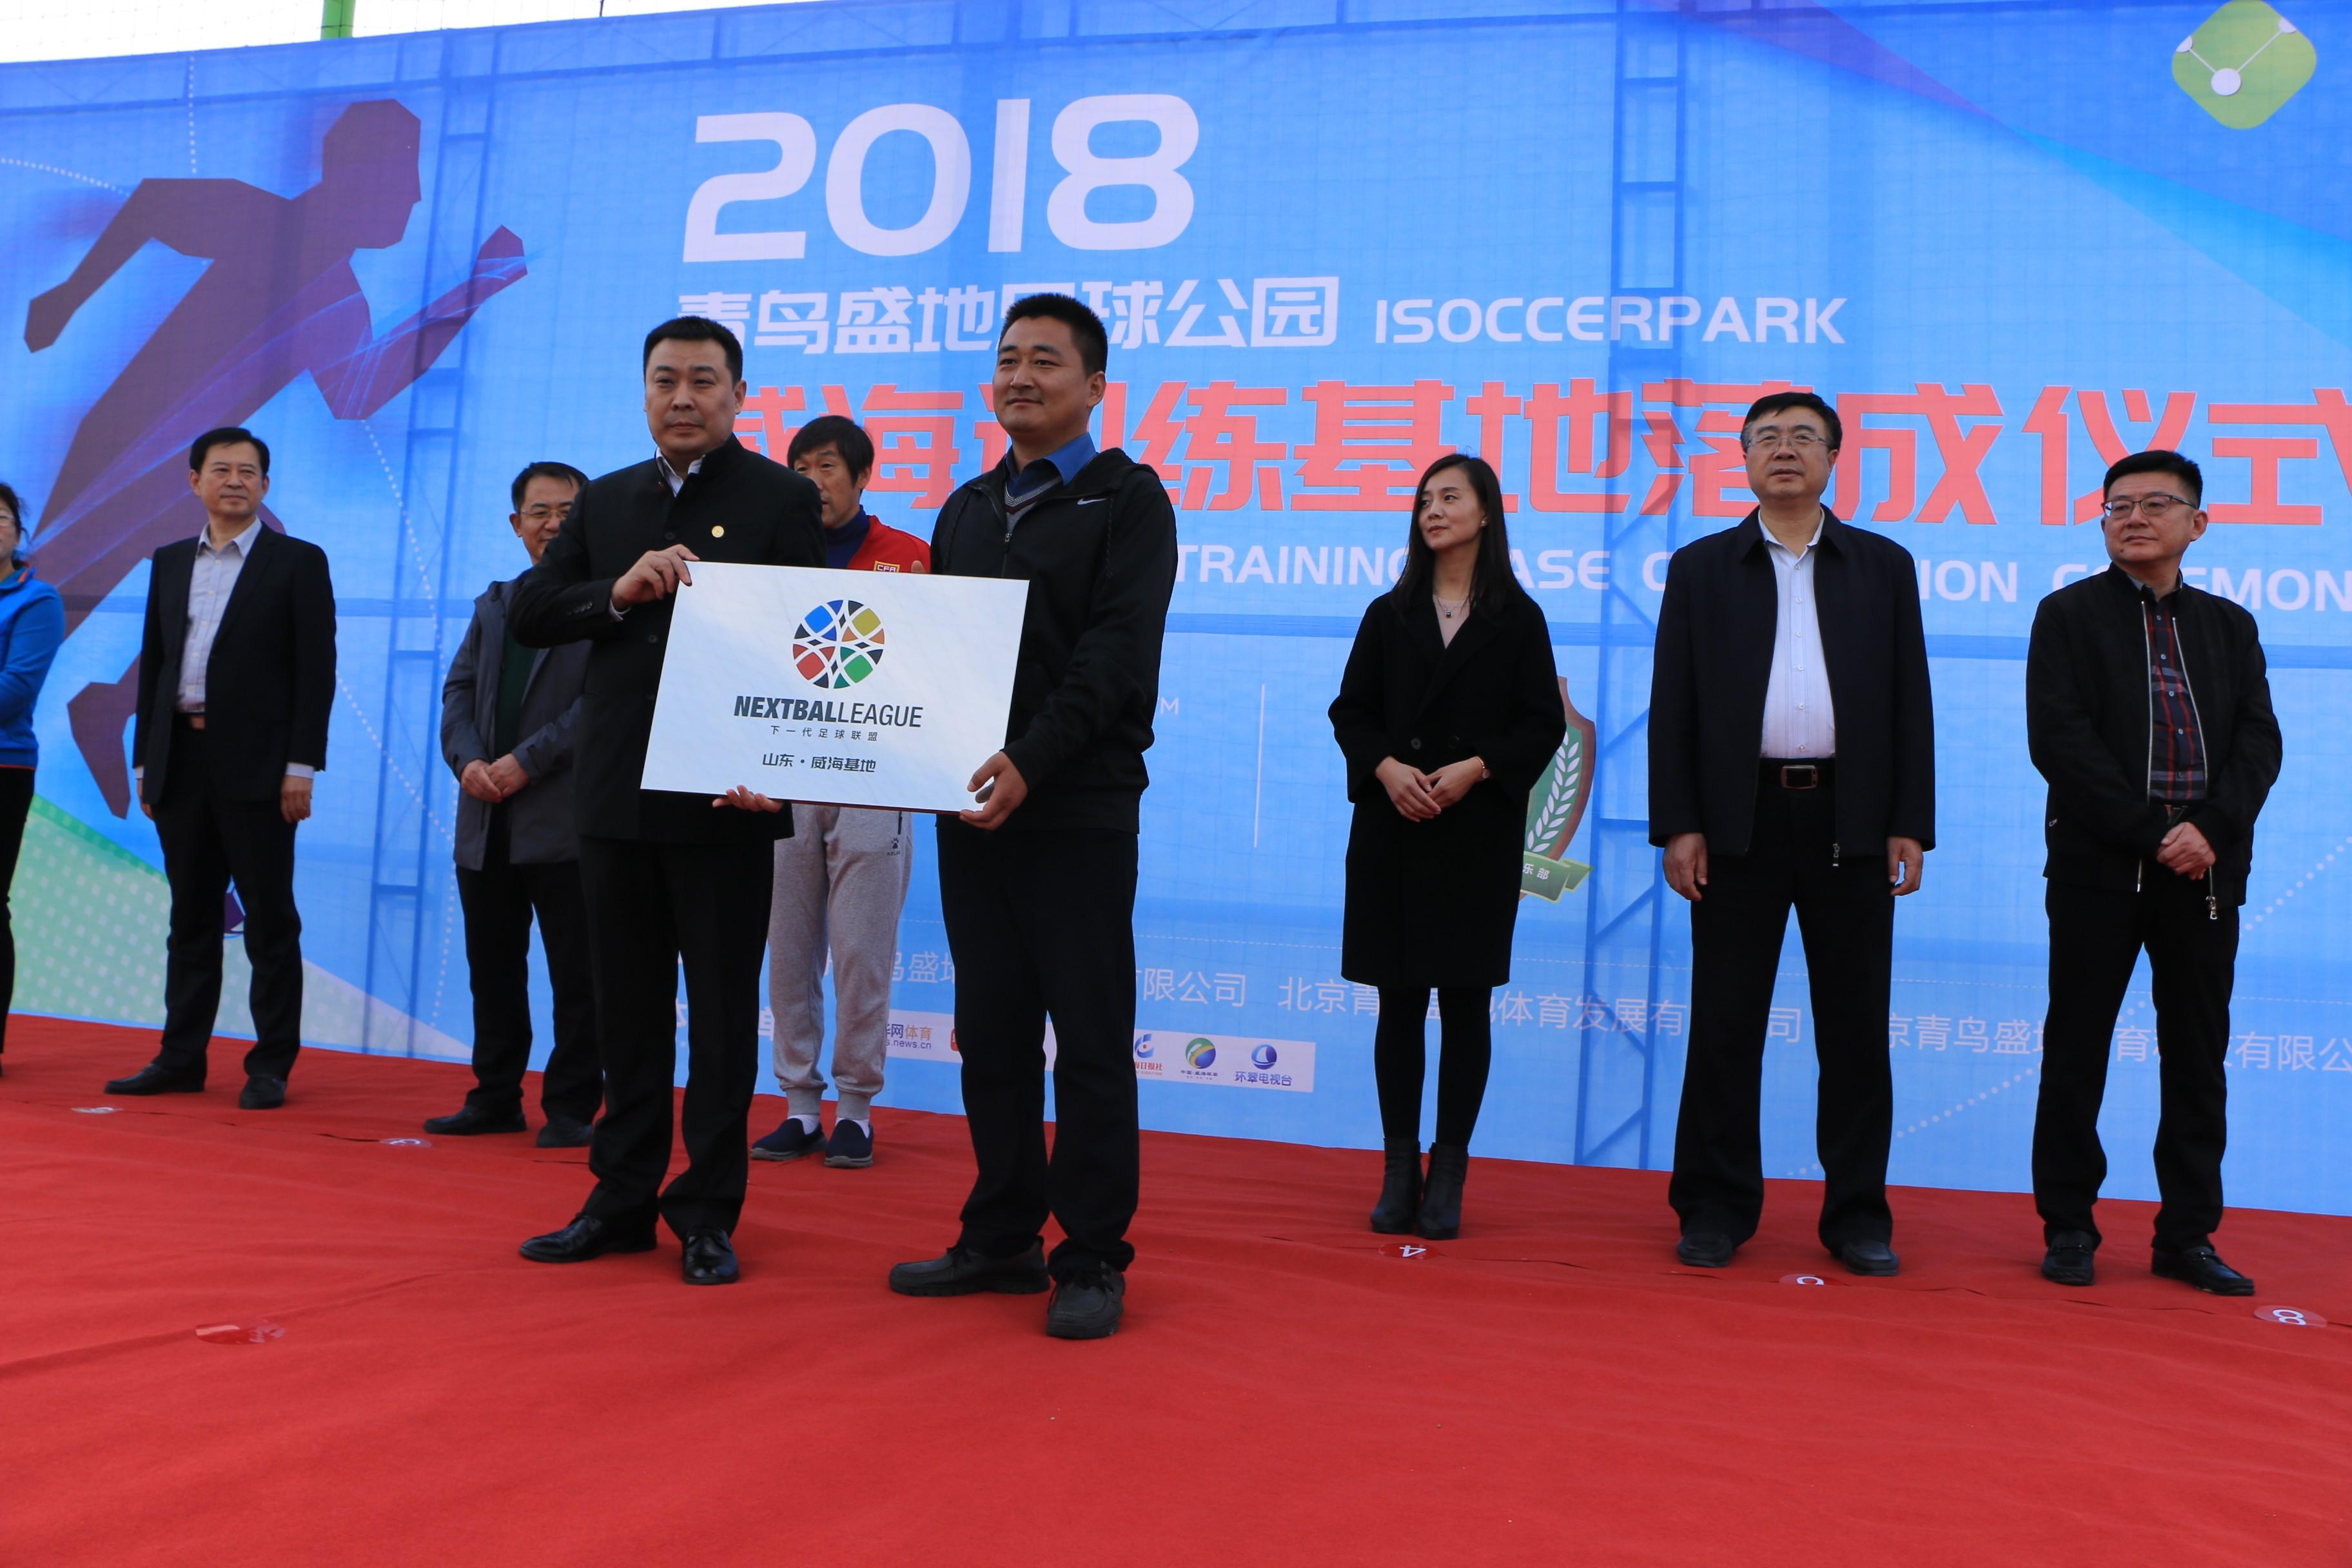 是由竹岛街道办事处和山东青鸟盛地体育发展有限公司共同投资建设.